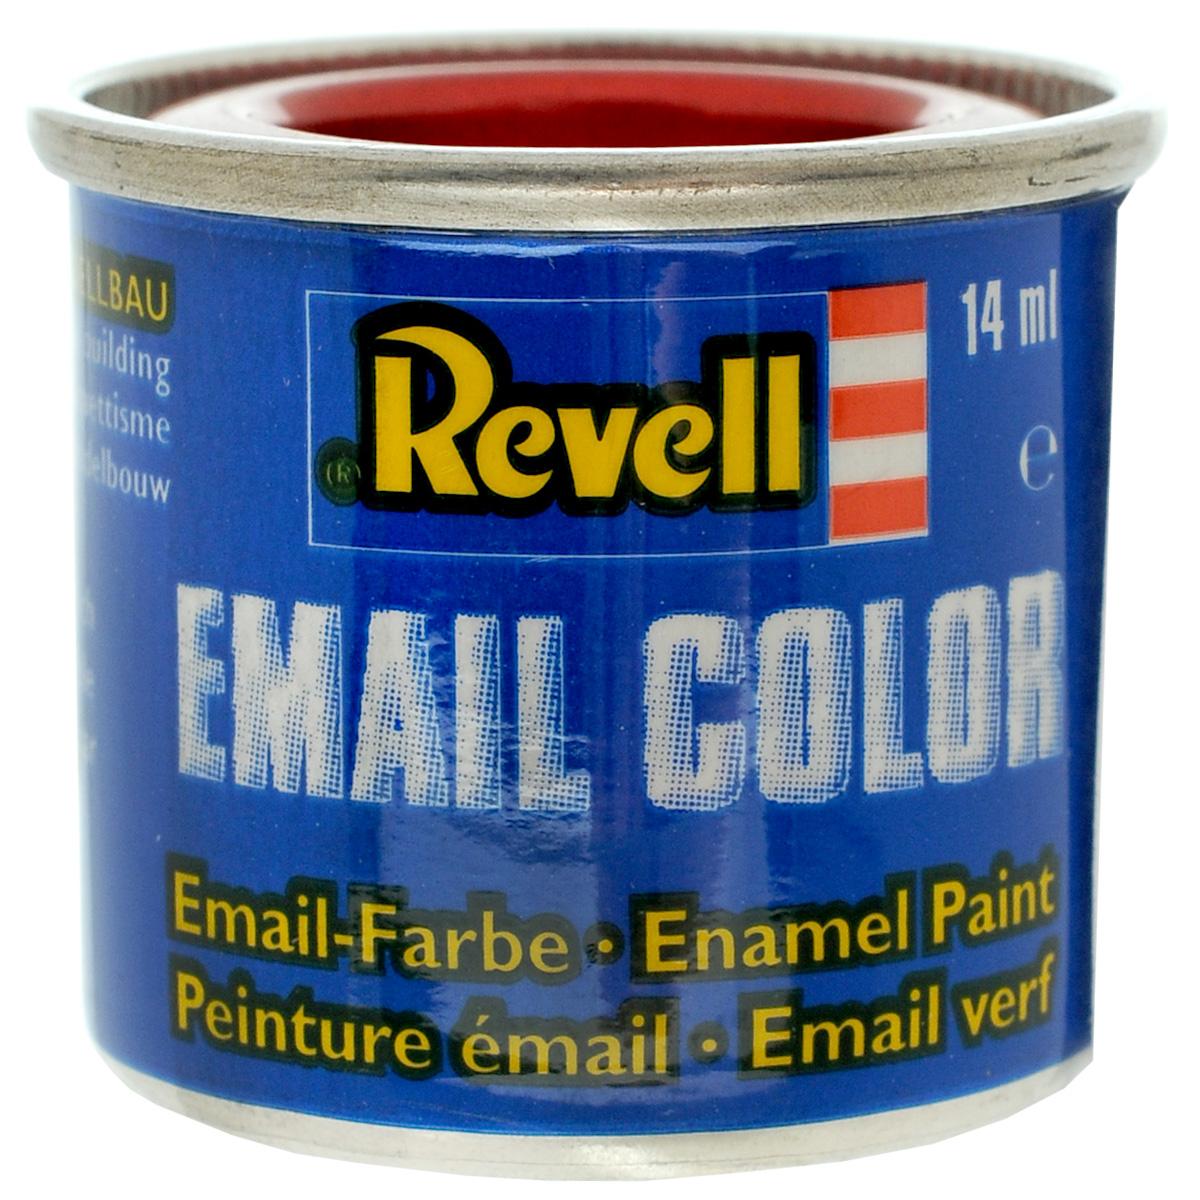 Revell Краска для моделей прозрачная №731 цвет красный 14 мл32731Прозрачная краска Revell красного цвета широко используется для окраски сборных моделей машин, кораблей и самолетов. После полного высыхания базового покрытия можно наносить узор с помощью других цветных красок. Краска упакована в металлическую баночку, плотно закрывающуюся крышкой, что позволяет избежать высыхания краски. Объем краски: 14 мл.